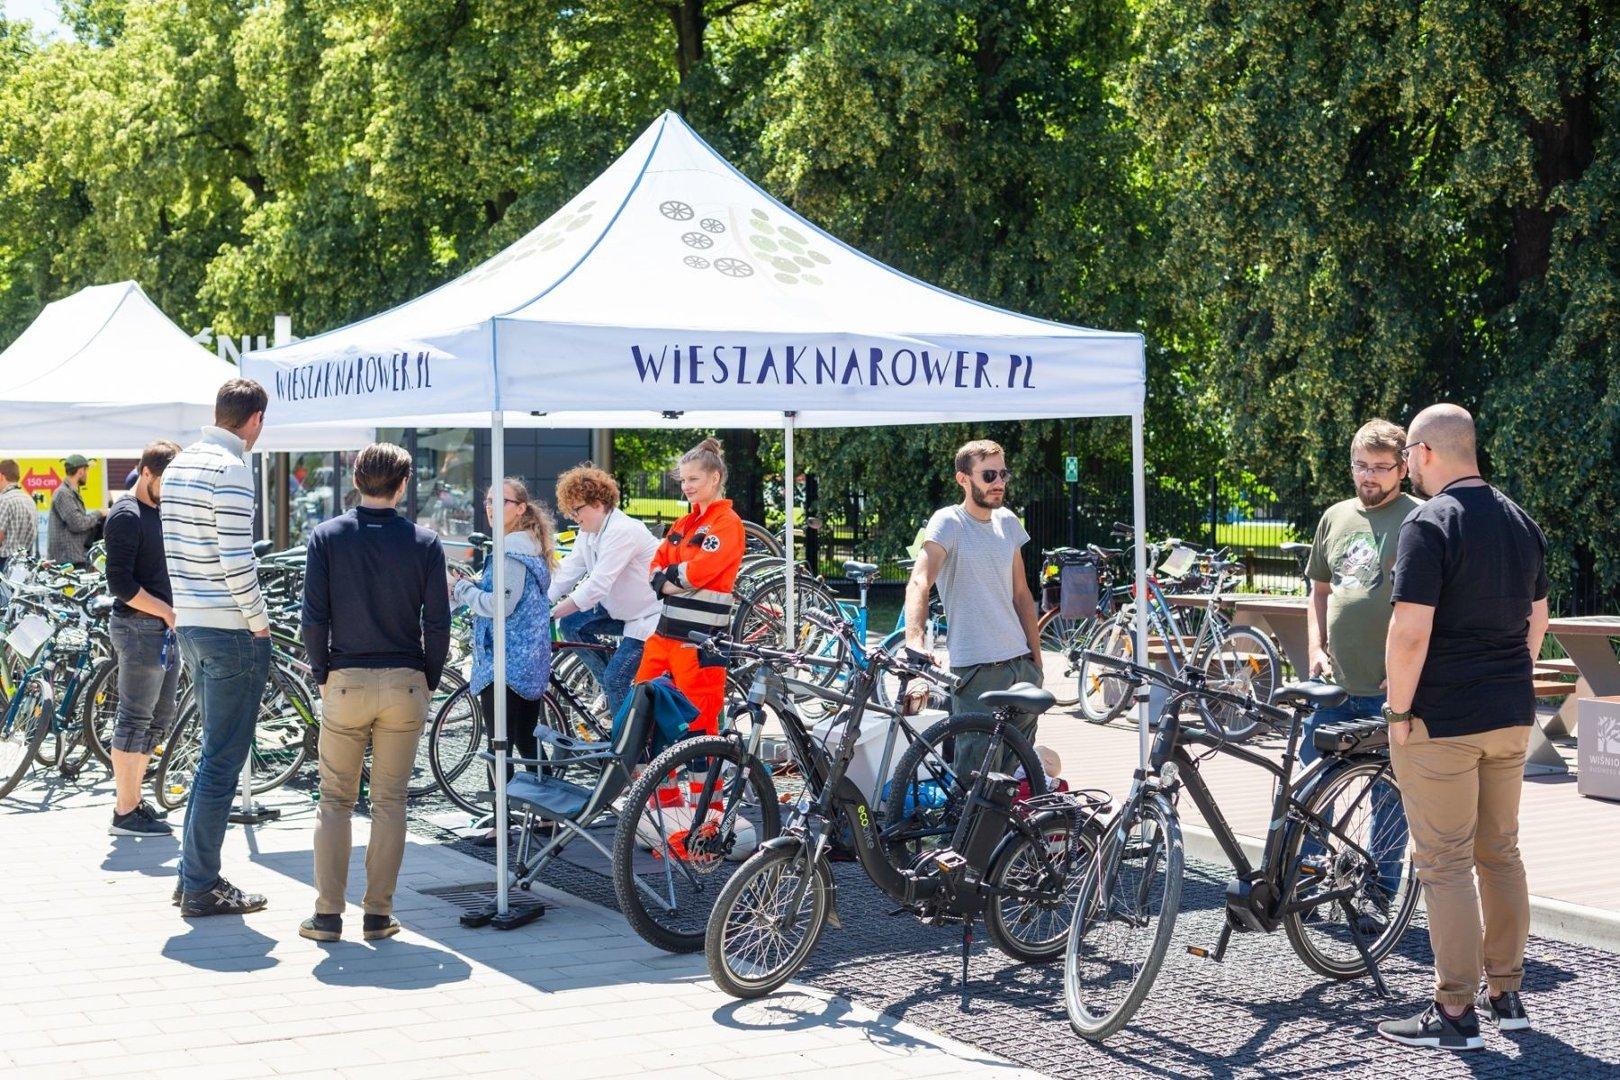 fc767f3aa5d397 Kampania ma zachęcać do dojeżdżania do pracy rowerem, w programie są m.in.  darmowy serwis dwóch kółek, testy rowerów ...